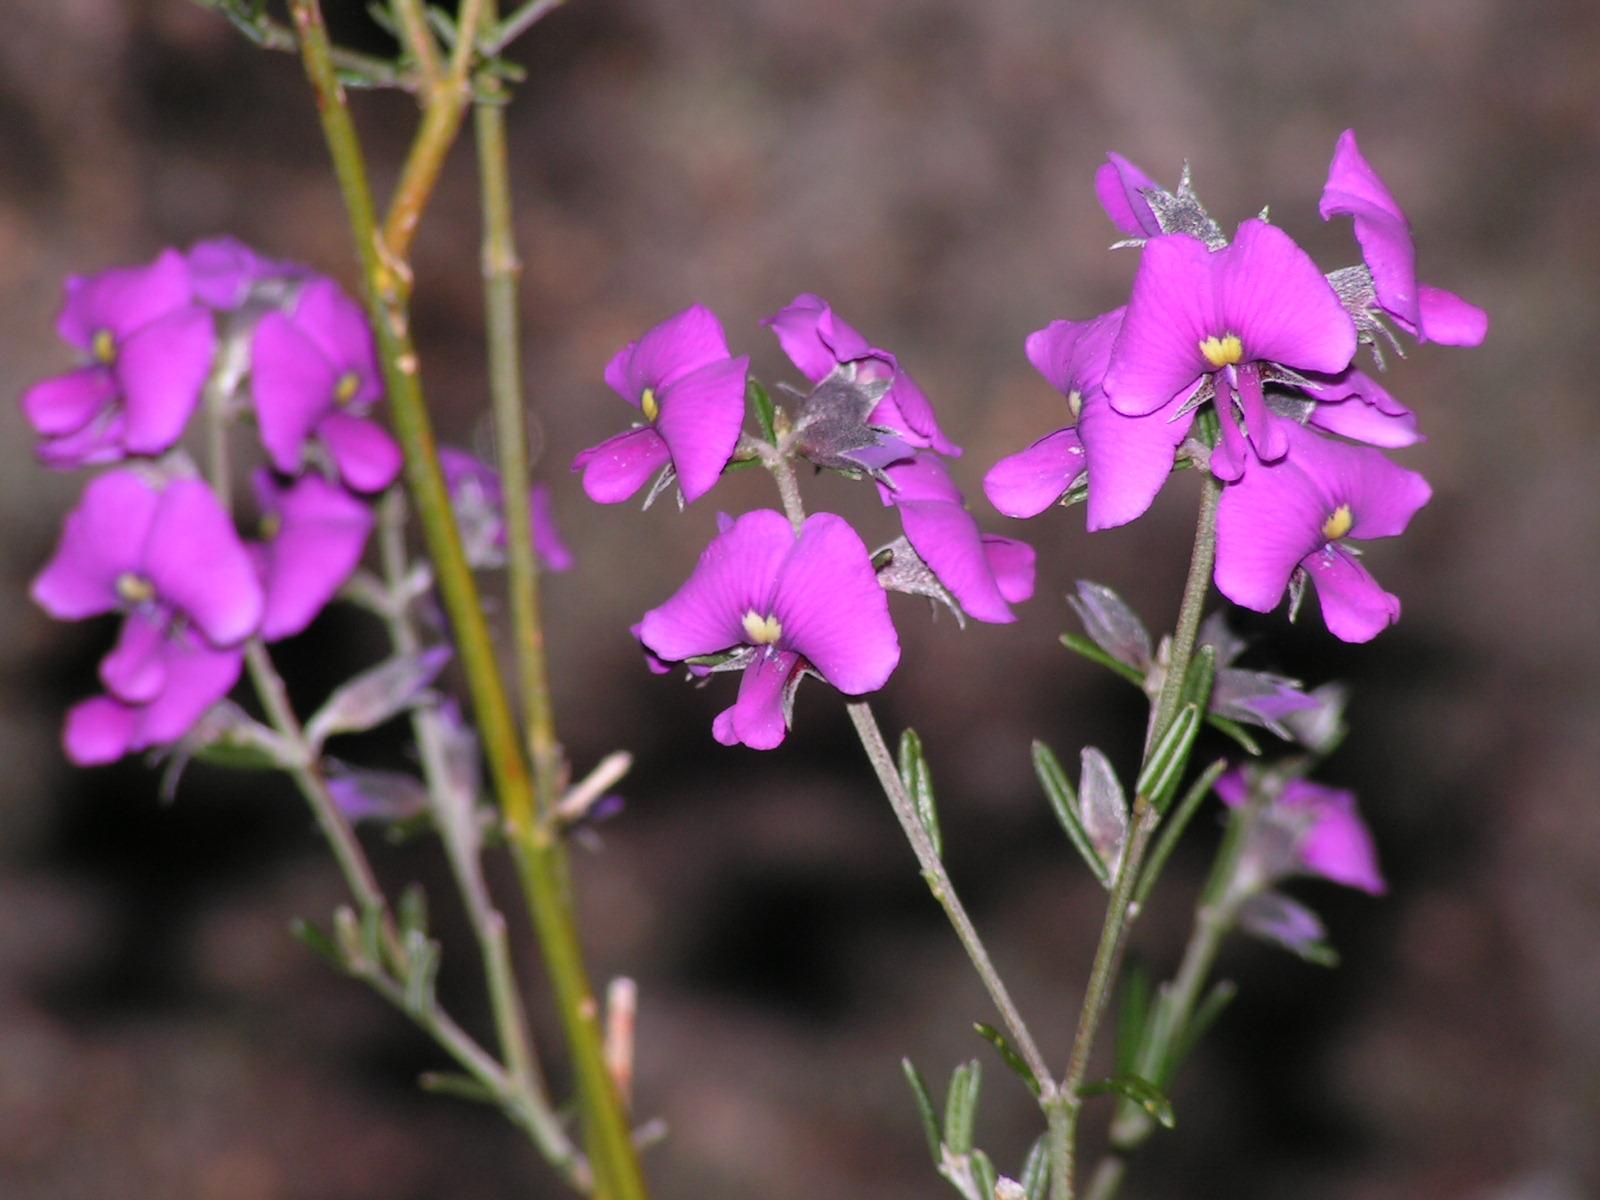 FB Mirbelia speciosa subsp.speciosa (Showy mirbelia)